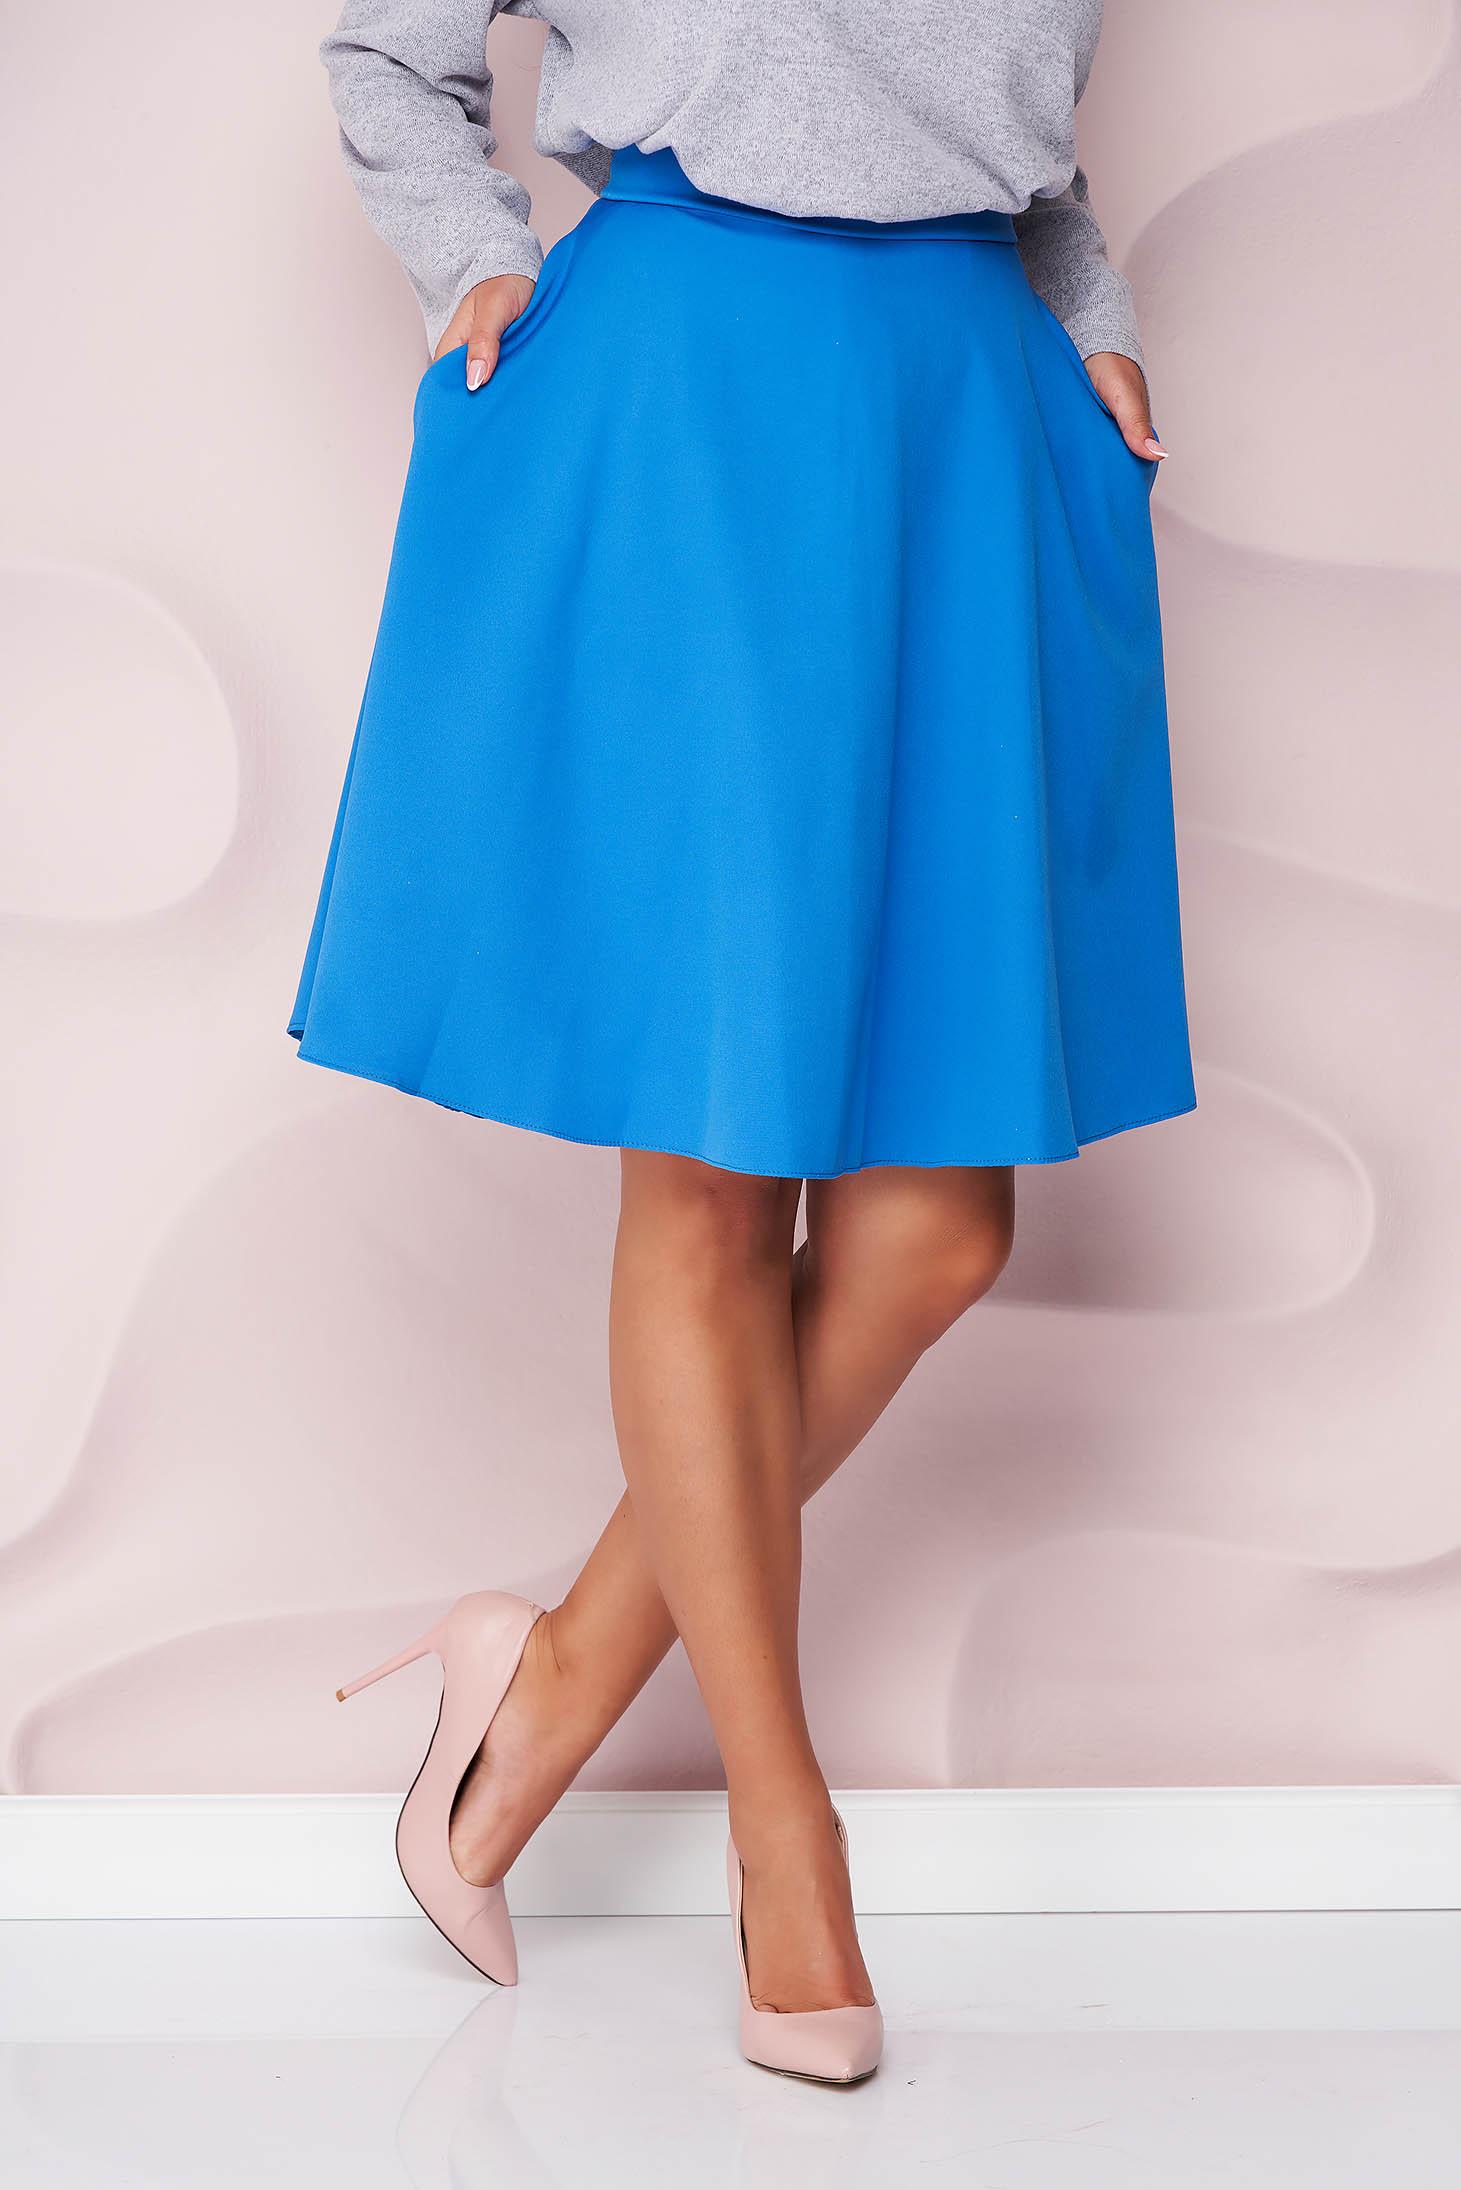 Fusta StarShinerS albastra office midi in clos din stofa usor elastica cu talie inalta si buzunare